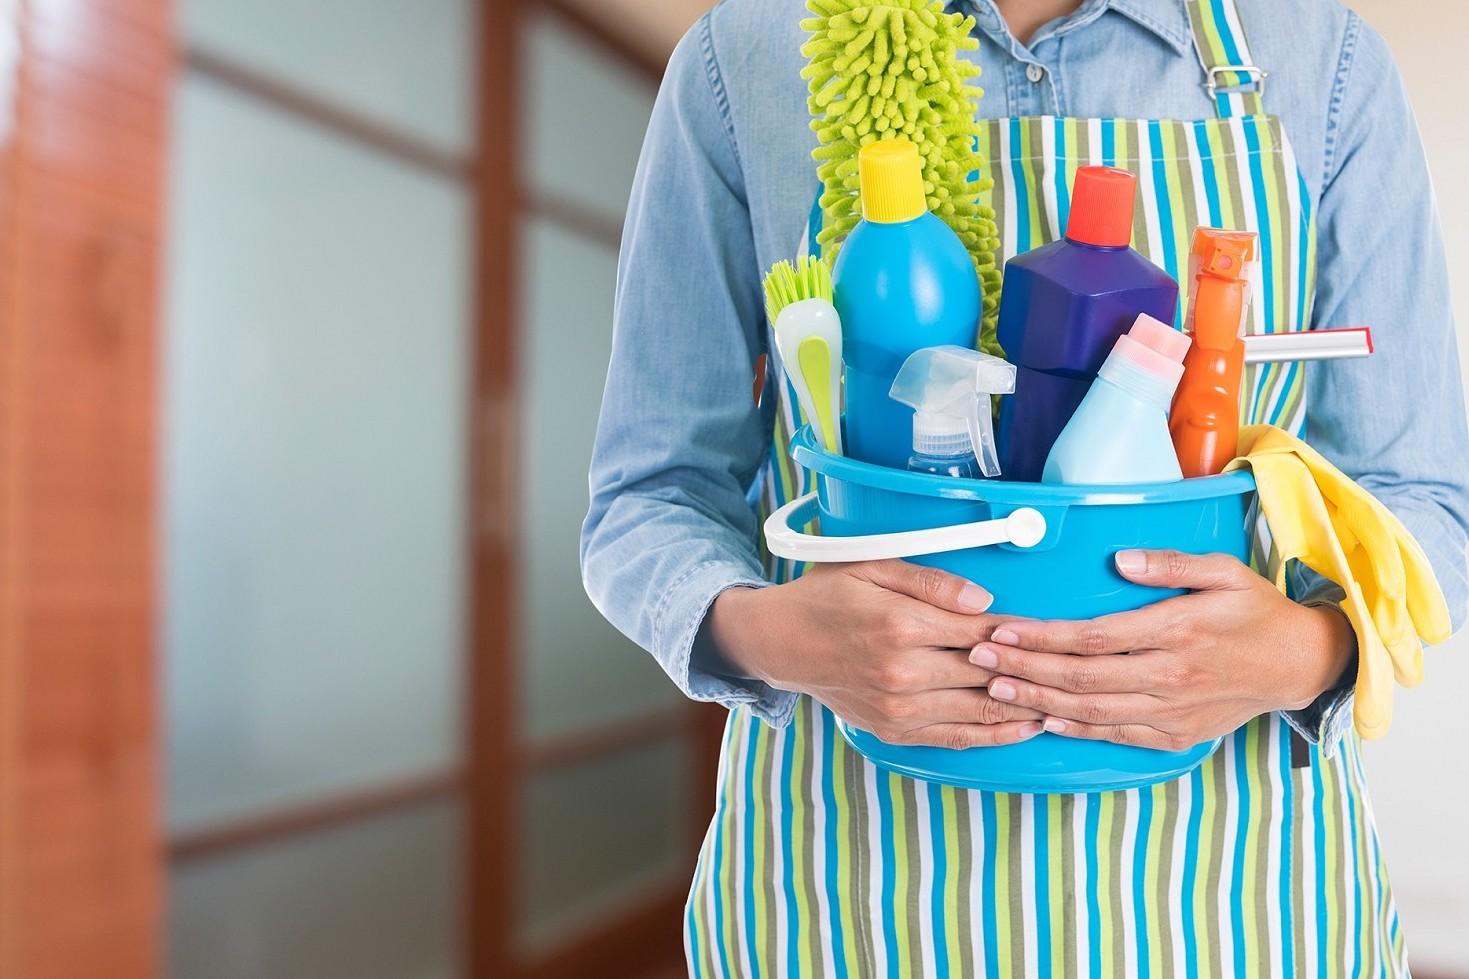 Contratto lavoro domestico stipendi, mansioni, livelli, permessi, ferie, malattia, licenziamento